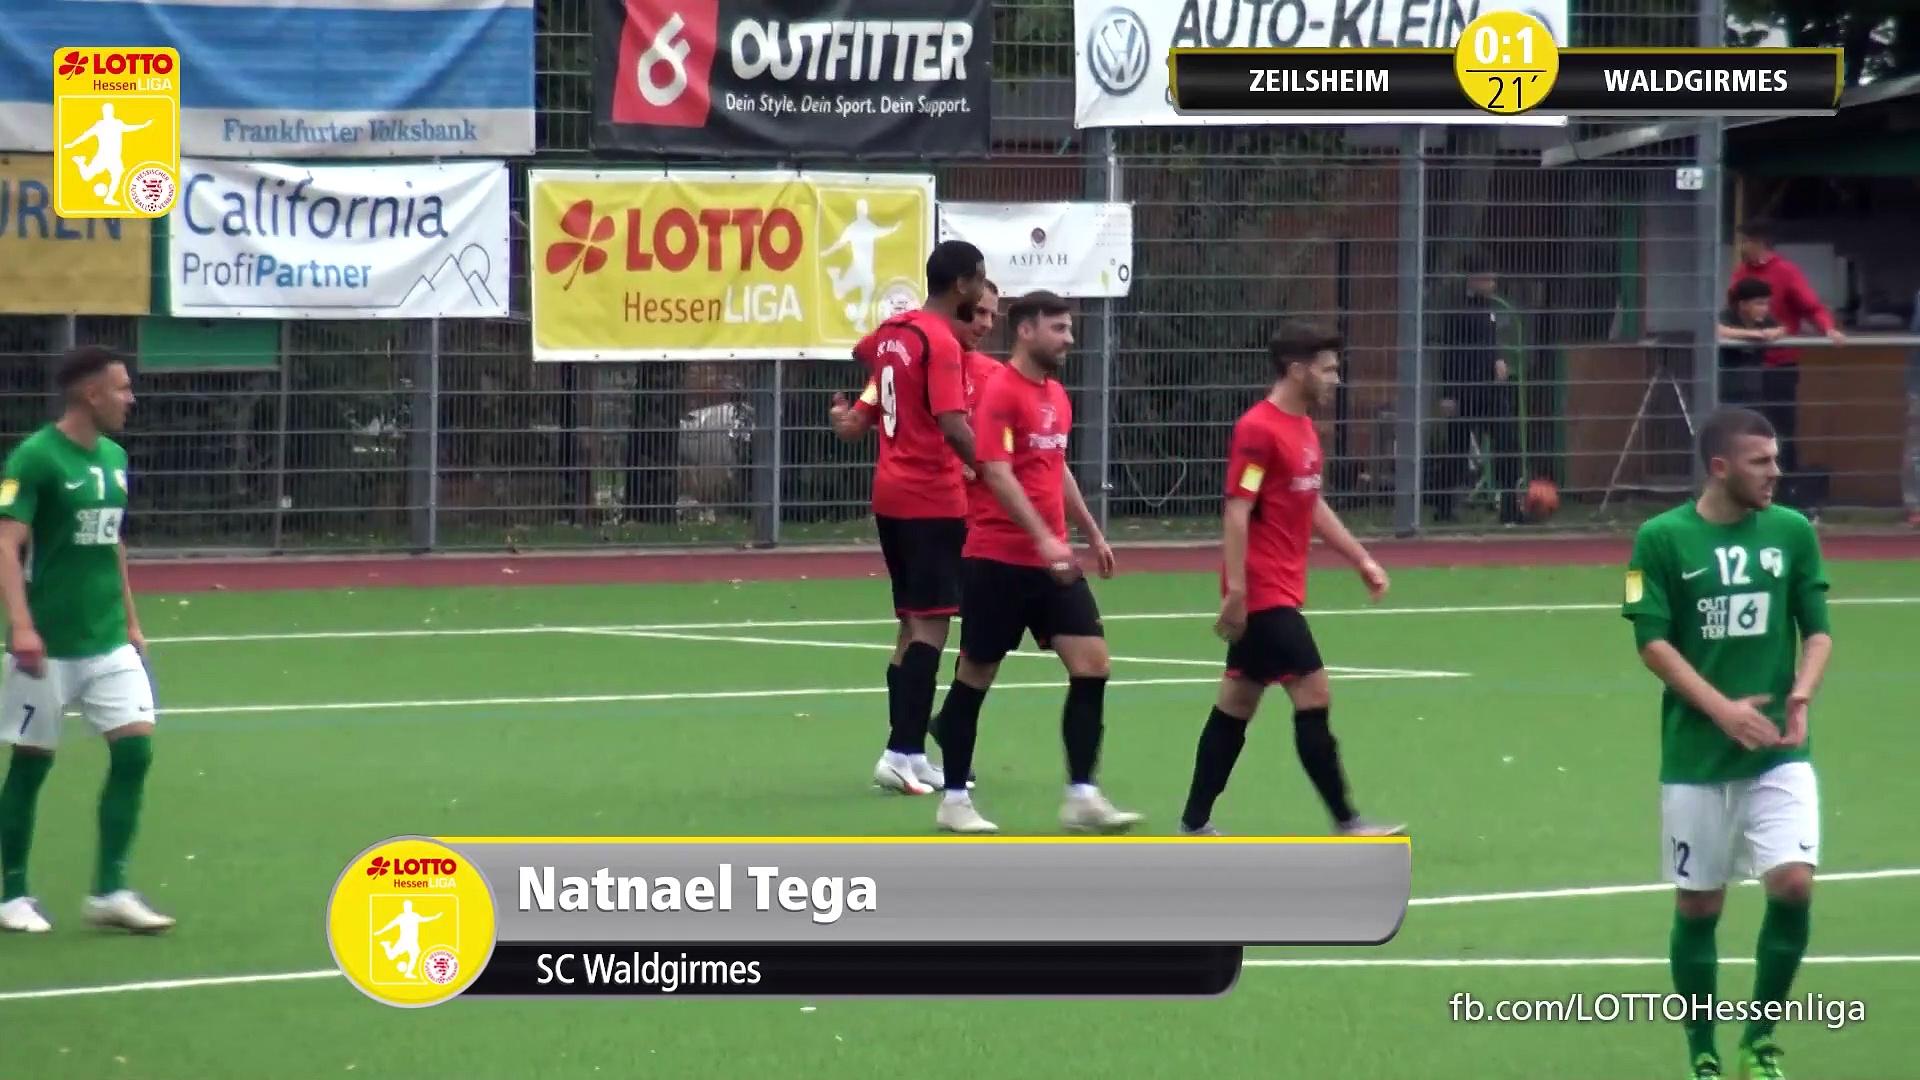 Hessenliga-Torshow 8. Spieltag Gruppe B